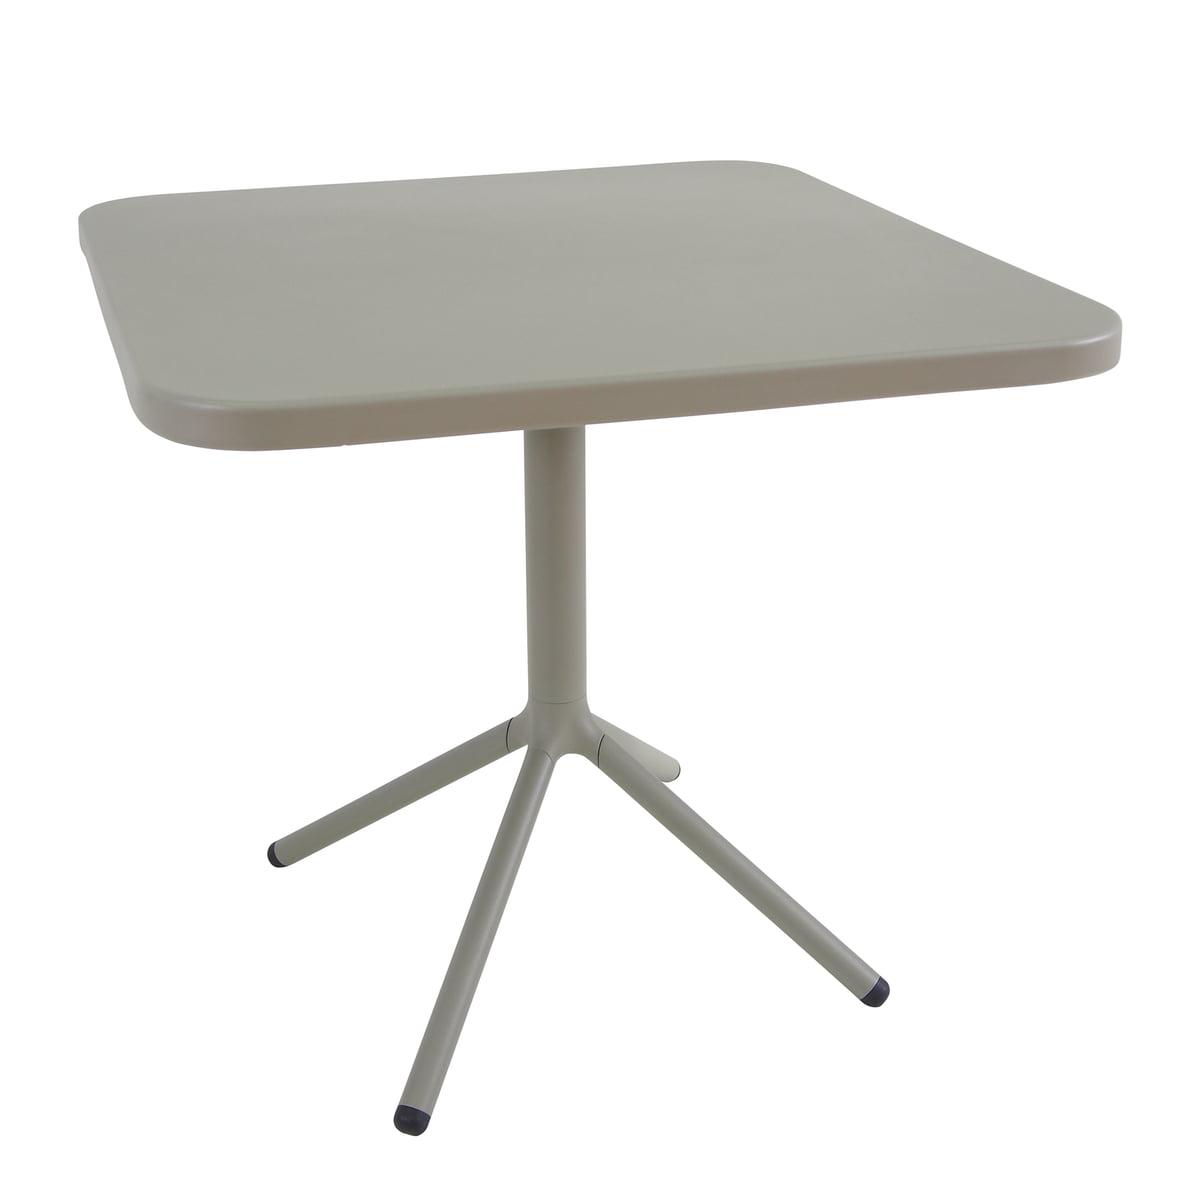 Emu - Grace Bistrotisch H 74 cm, 70 x 70 cm, grau-grün | Küche und Esszimmer > Bar-Möbel | Graugrün | Emu